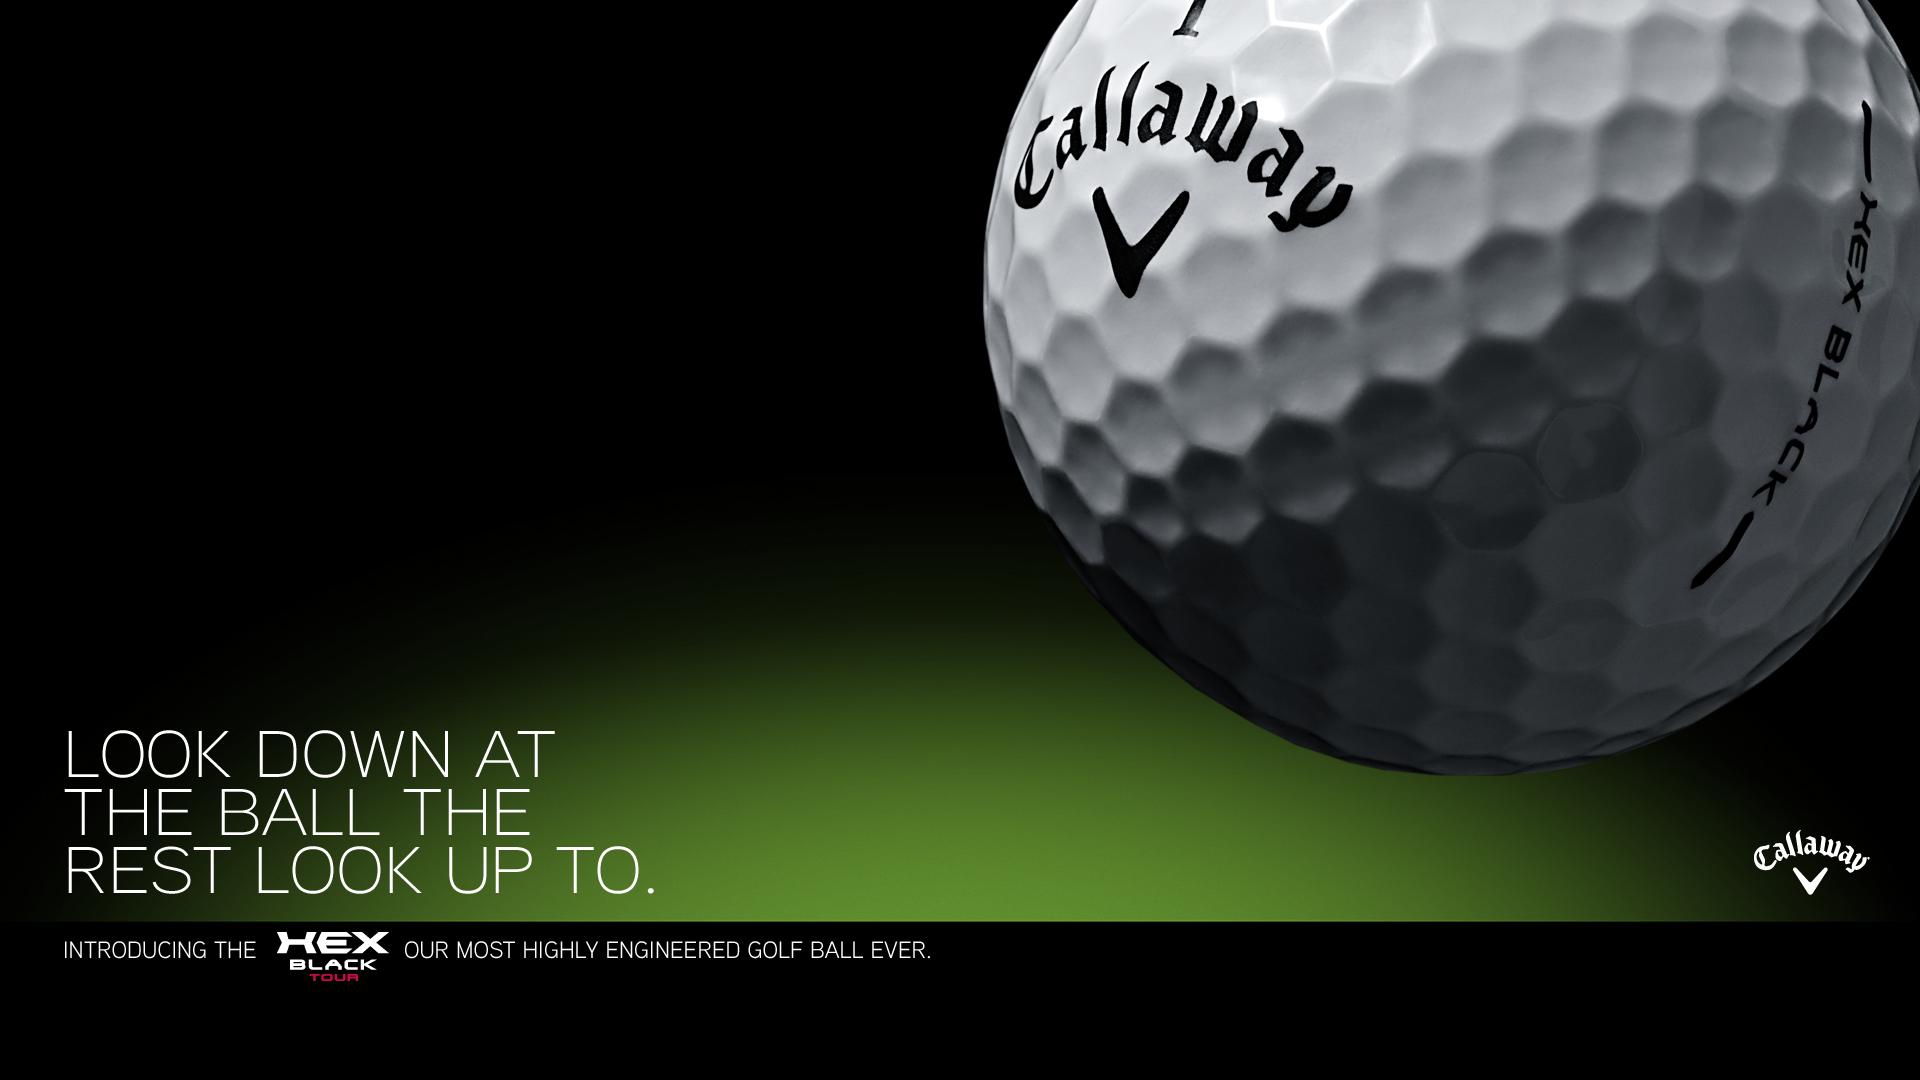 Golf Ball Wallpapers HD PixelsTalk Backgrounds Wallpaper 1920x1080